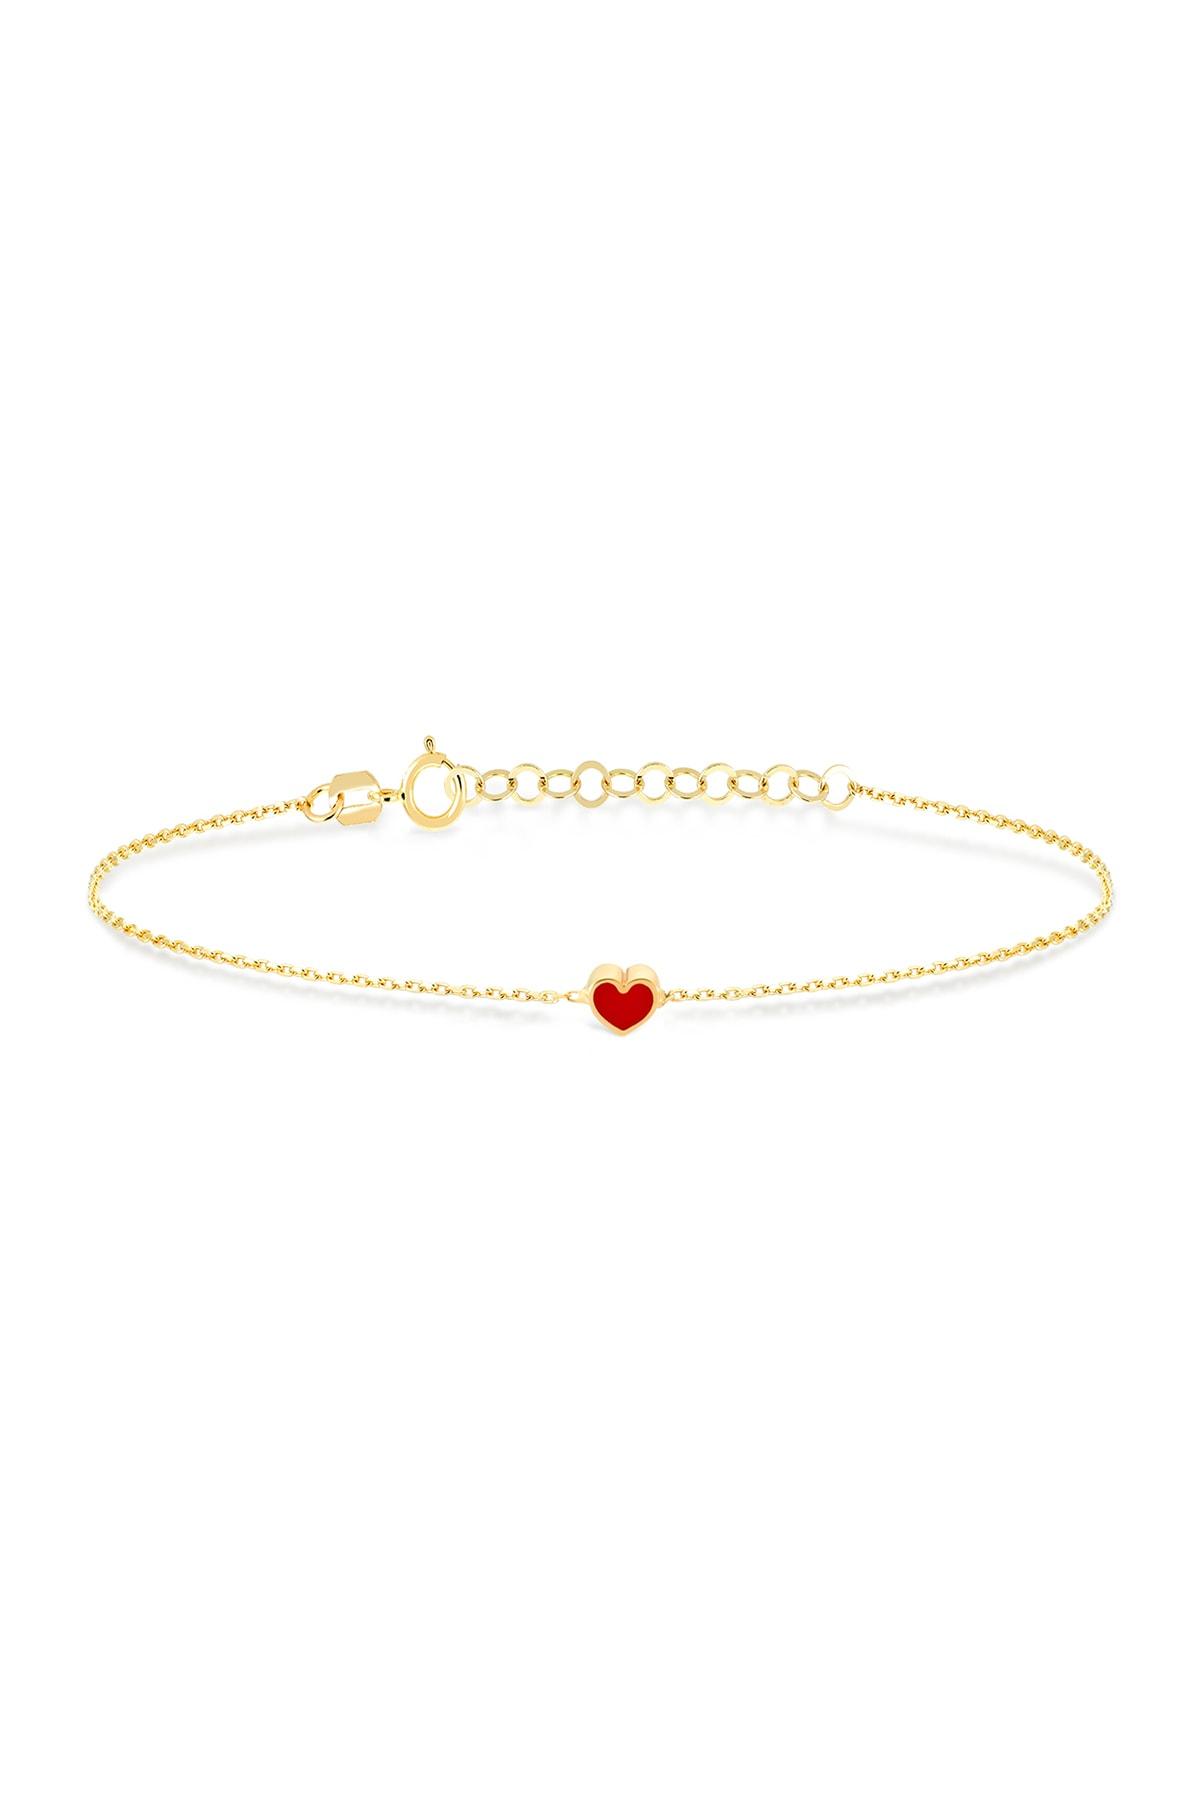 Gelin Pırlanta 14 Ayar Altın Mini Kırmızı Kalp Bileklik 1